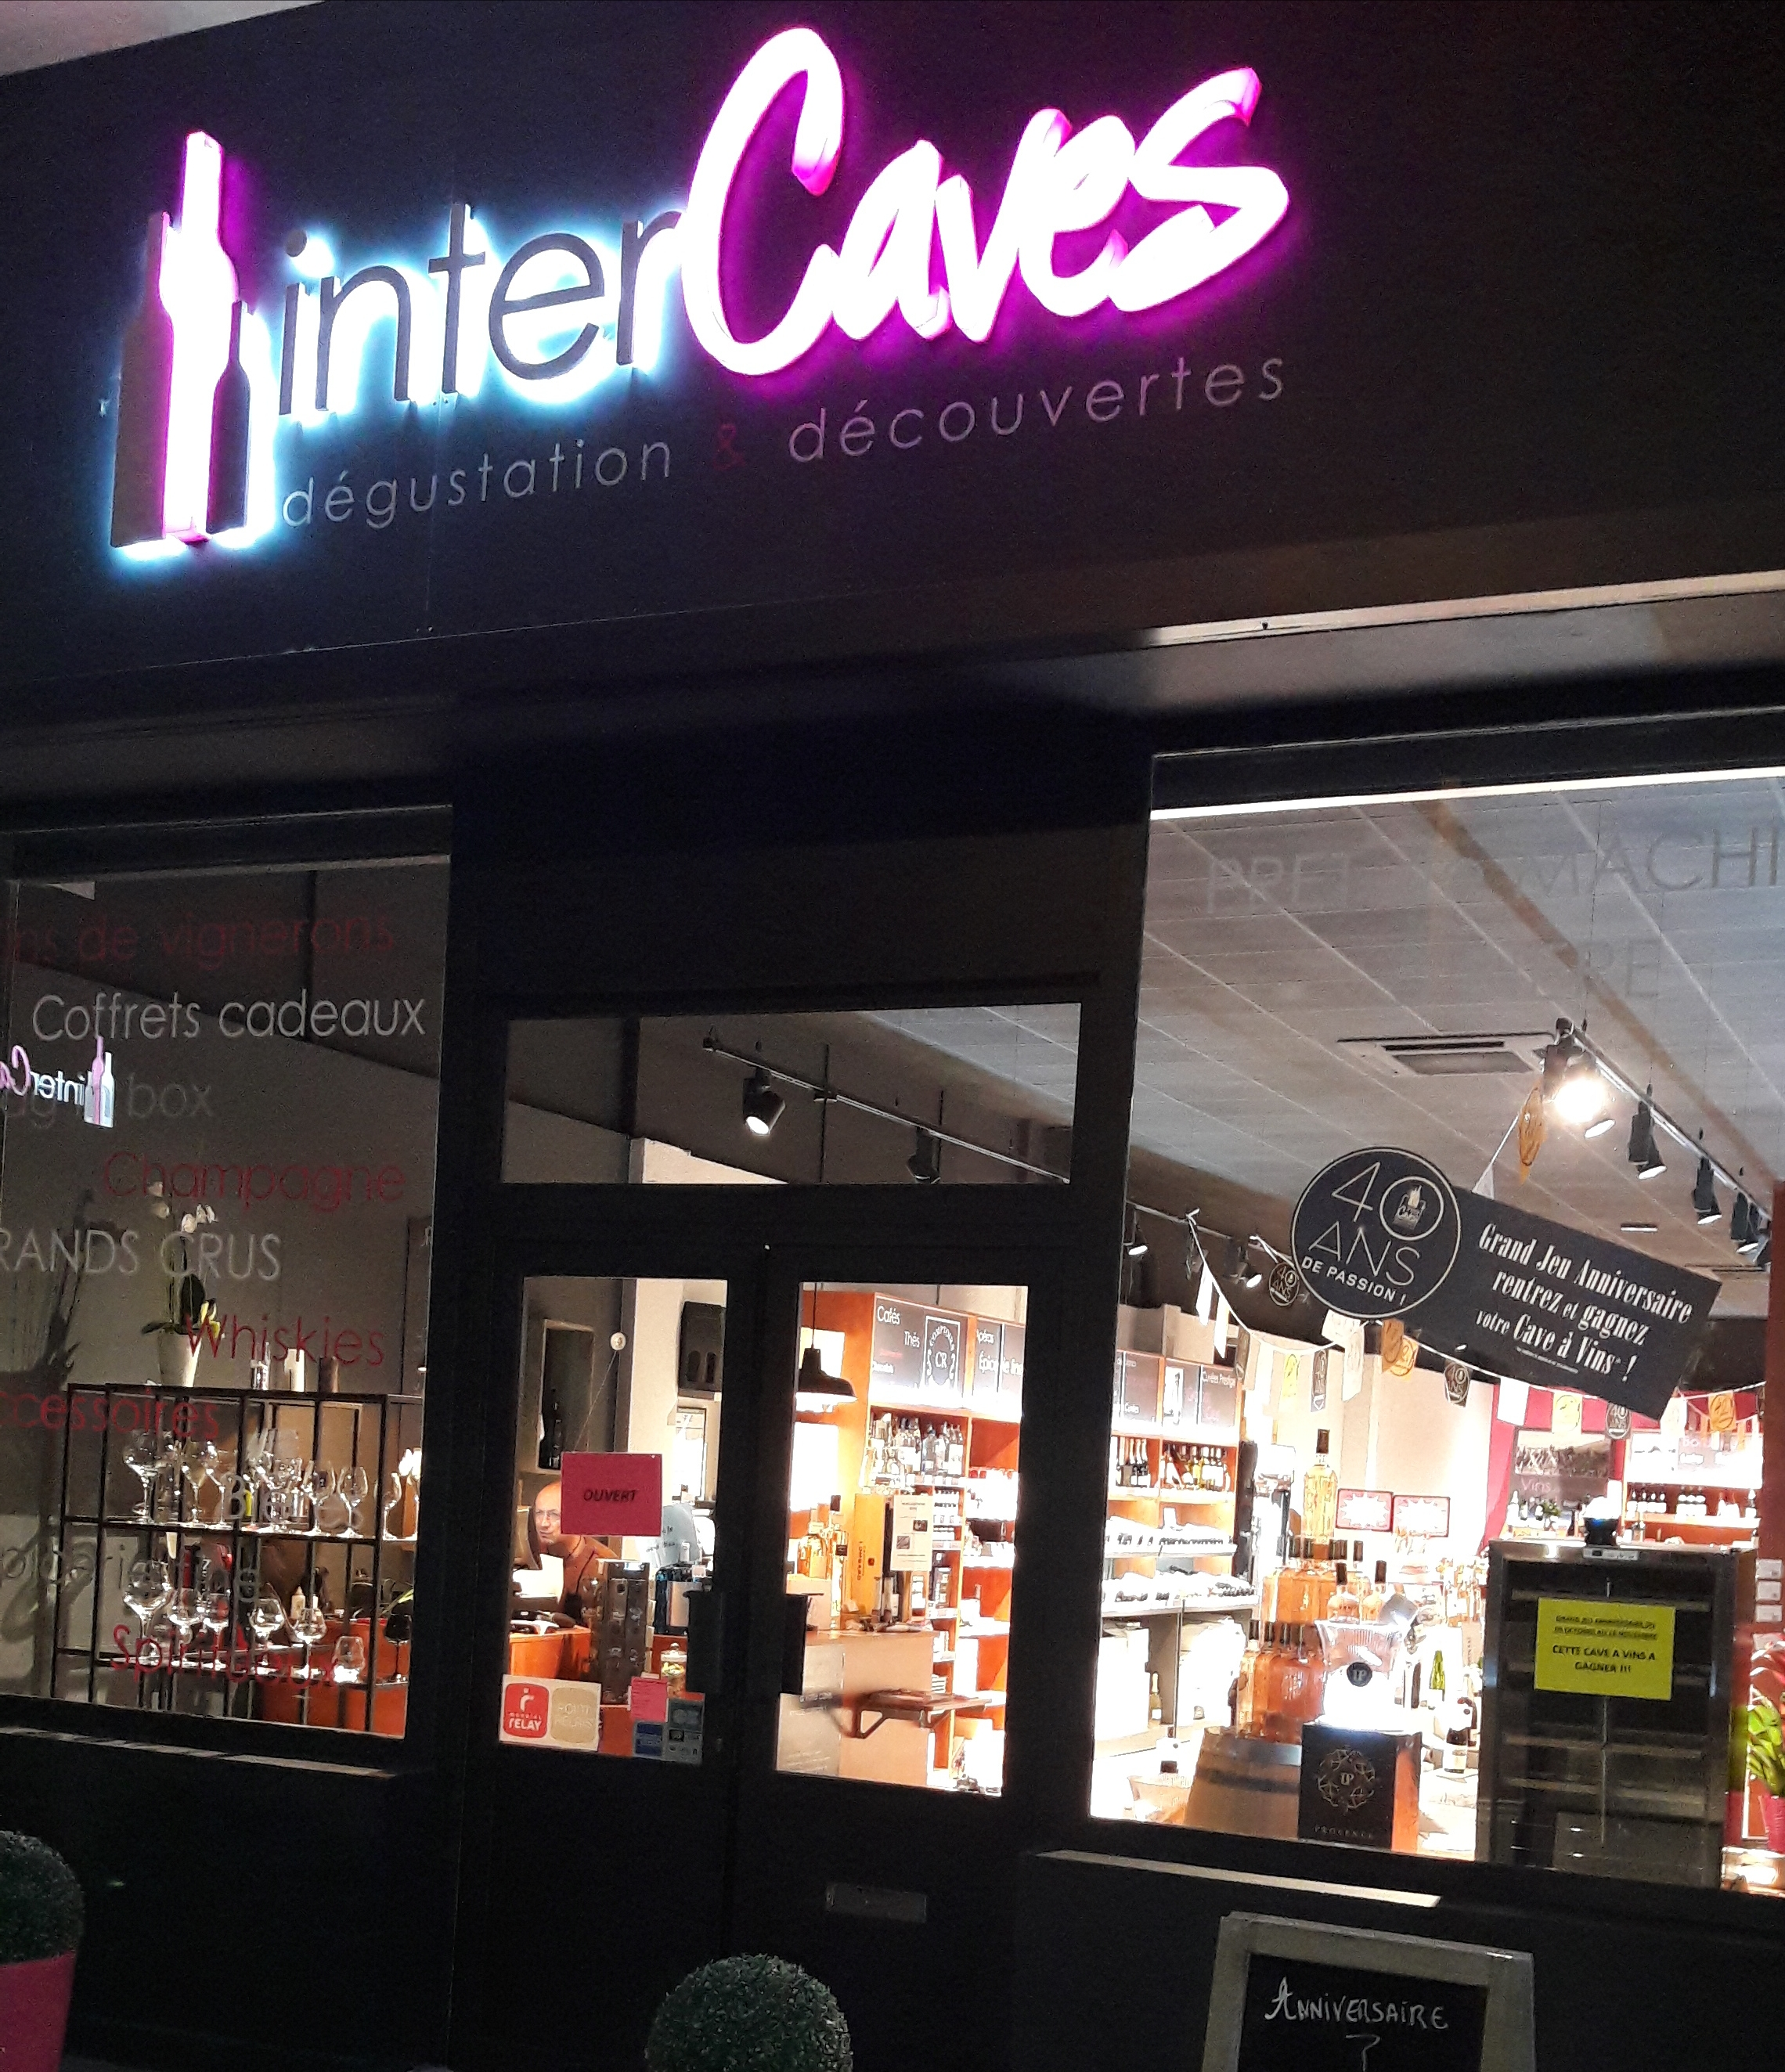 INTER CAVES Brignoles